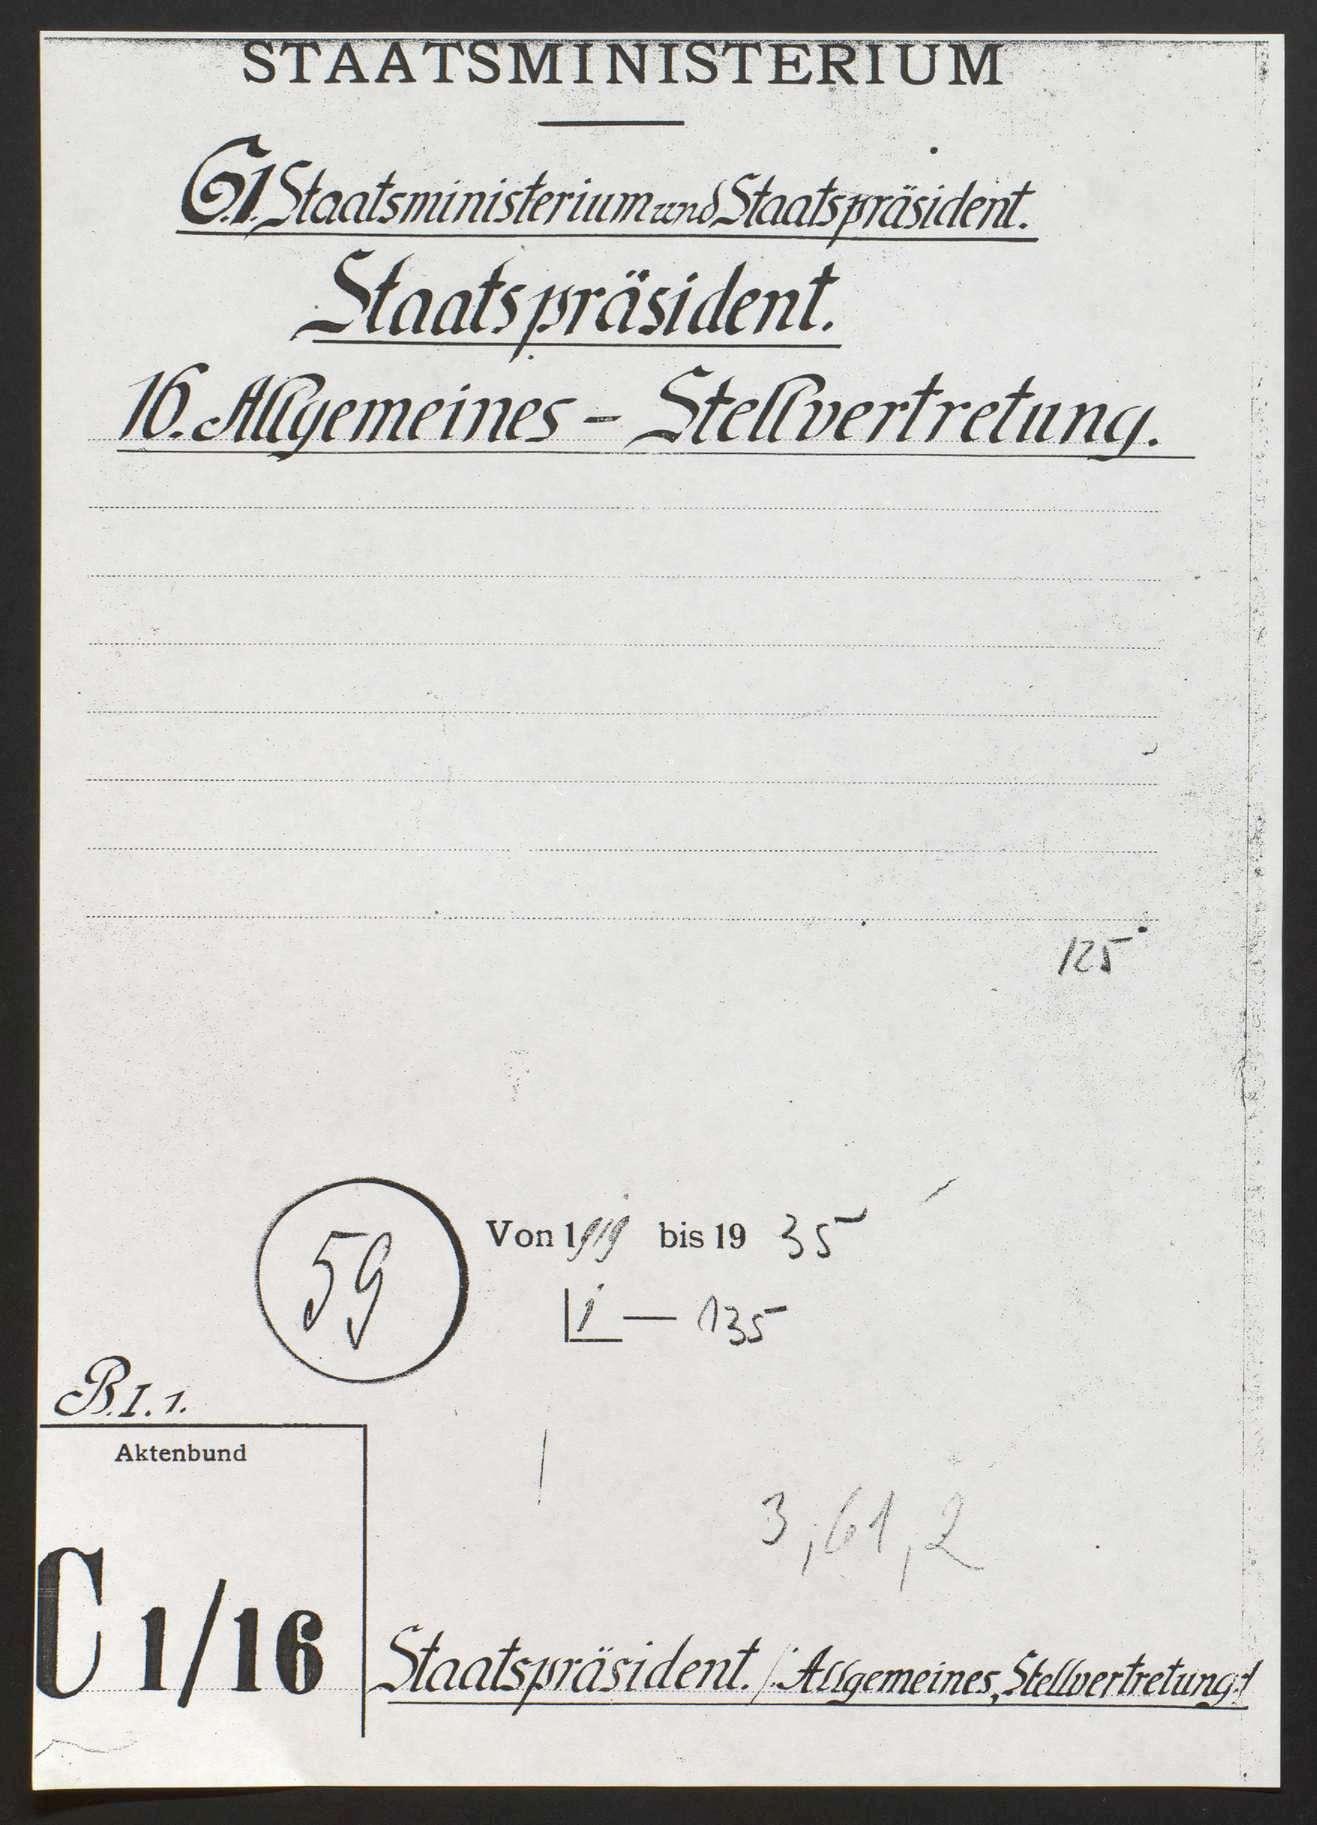 Staats- bzw. Ministerpräsident: Allgemeines, Stellvertretung, Bild 1